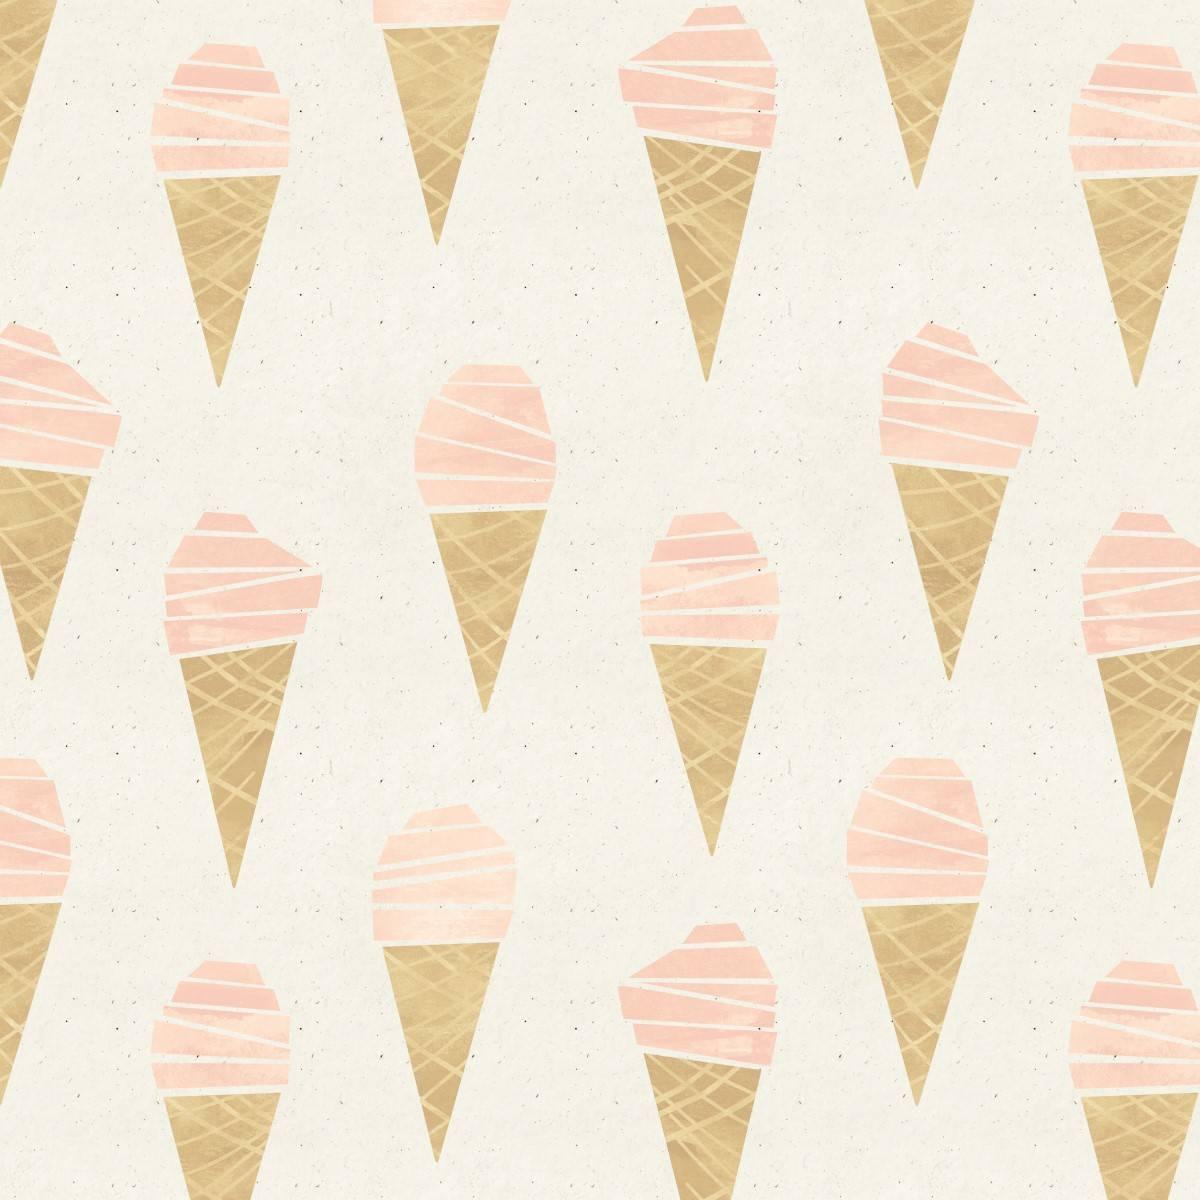 Papel de Parede Adesivo Ice Cream /Rolo imagem 2